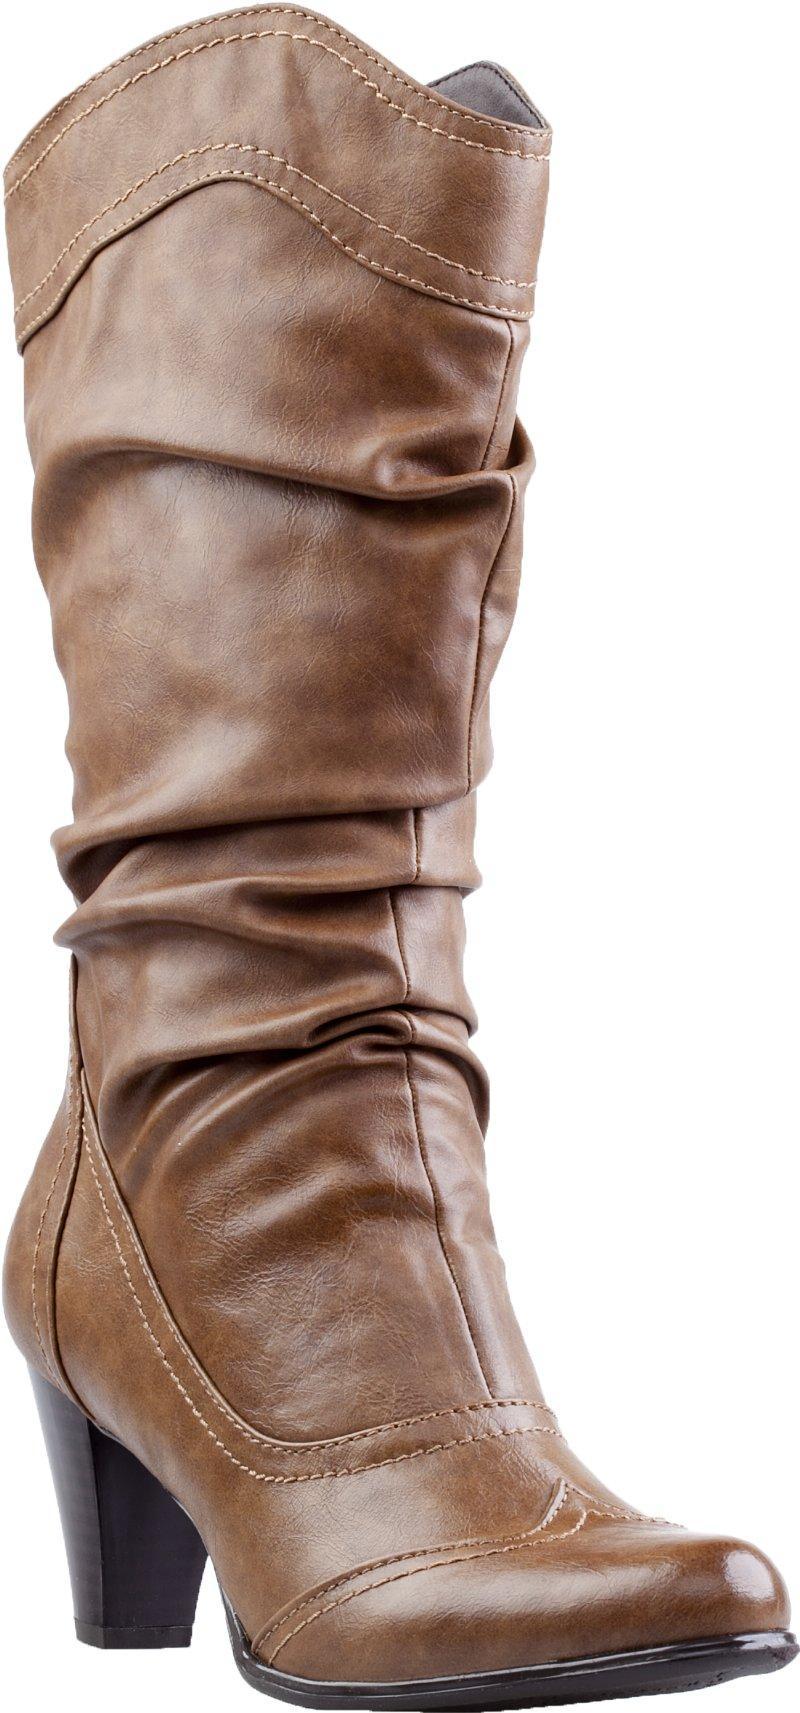 582f67614a91a Buty CCC na jesień i zimę 2012/13. modne kowbojki CCC w kolorze brązowym ...